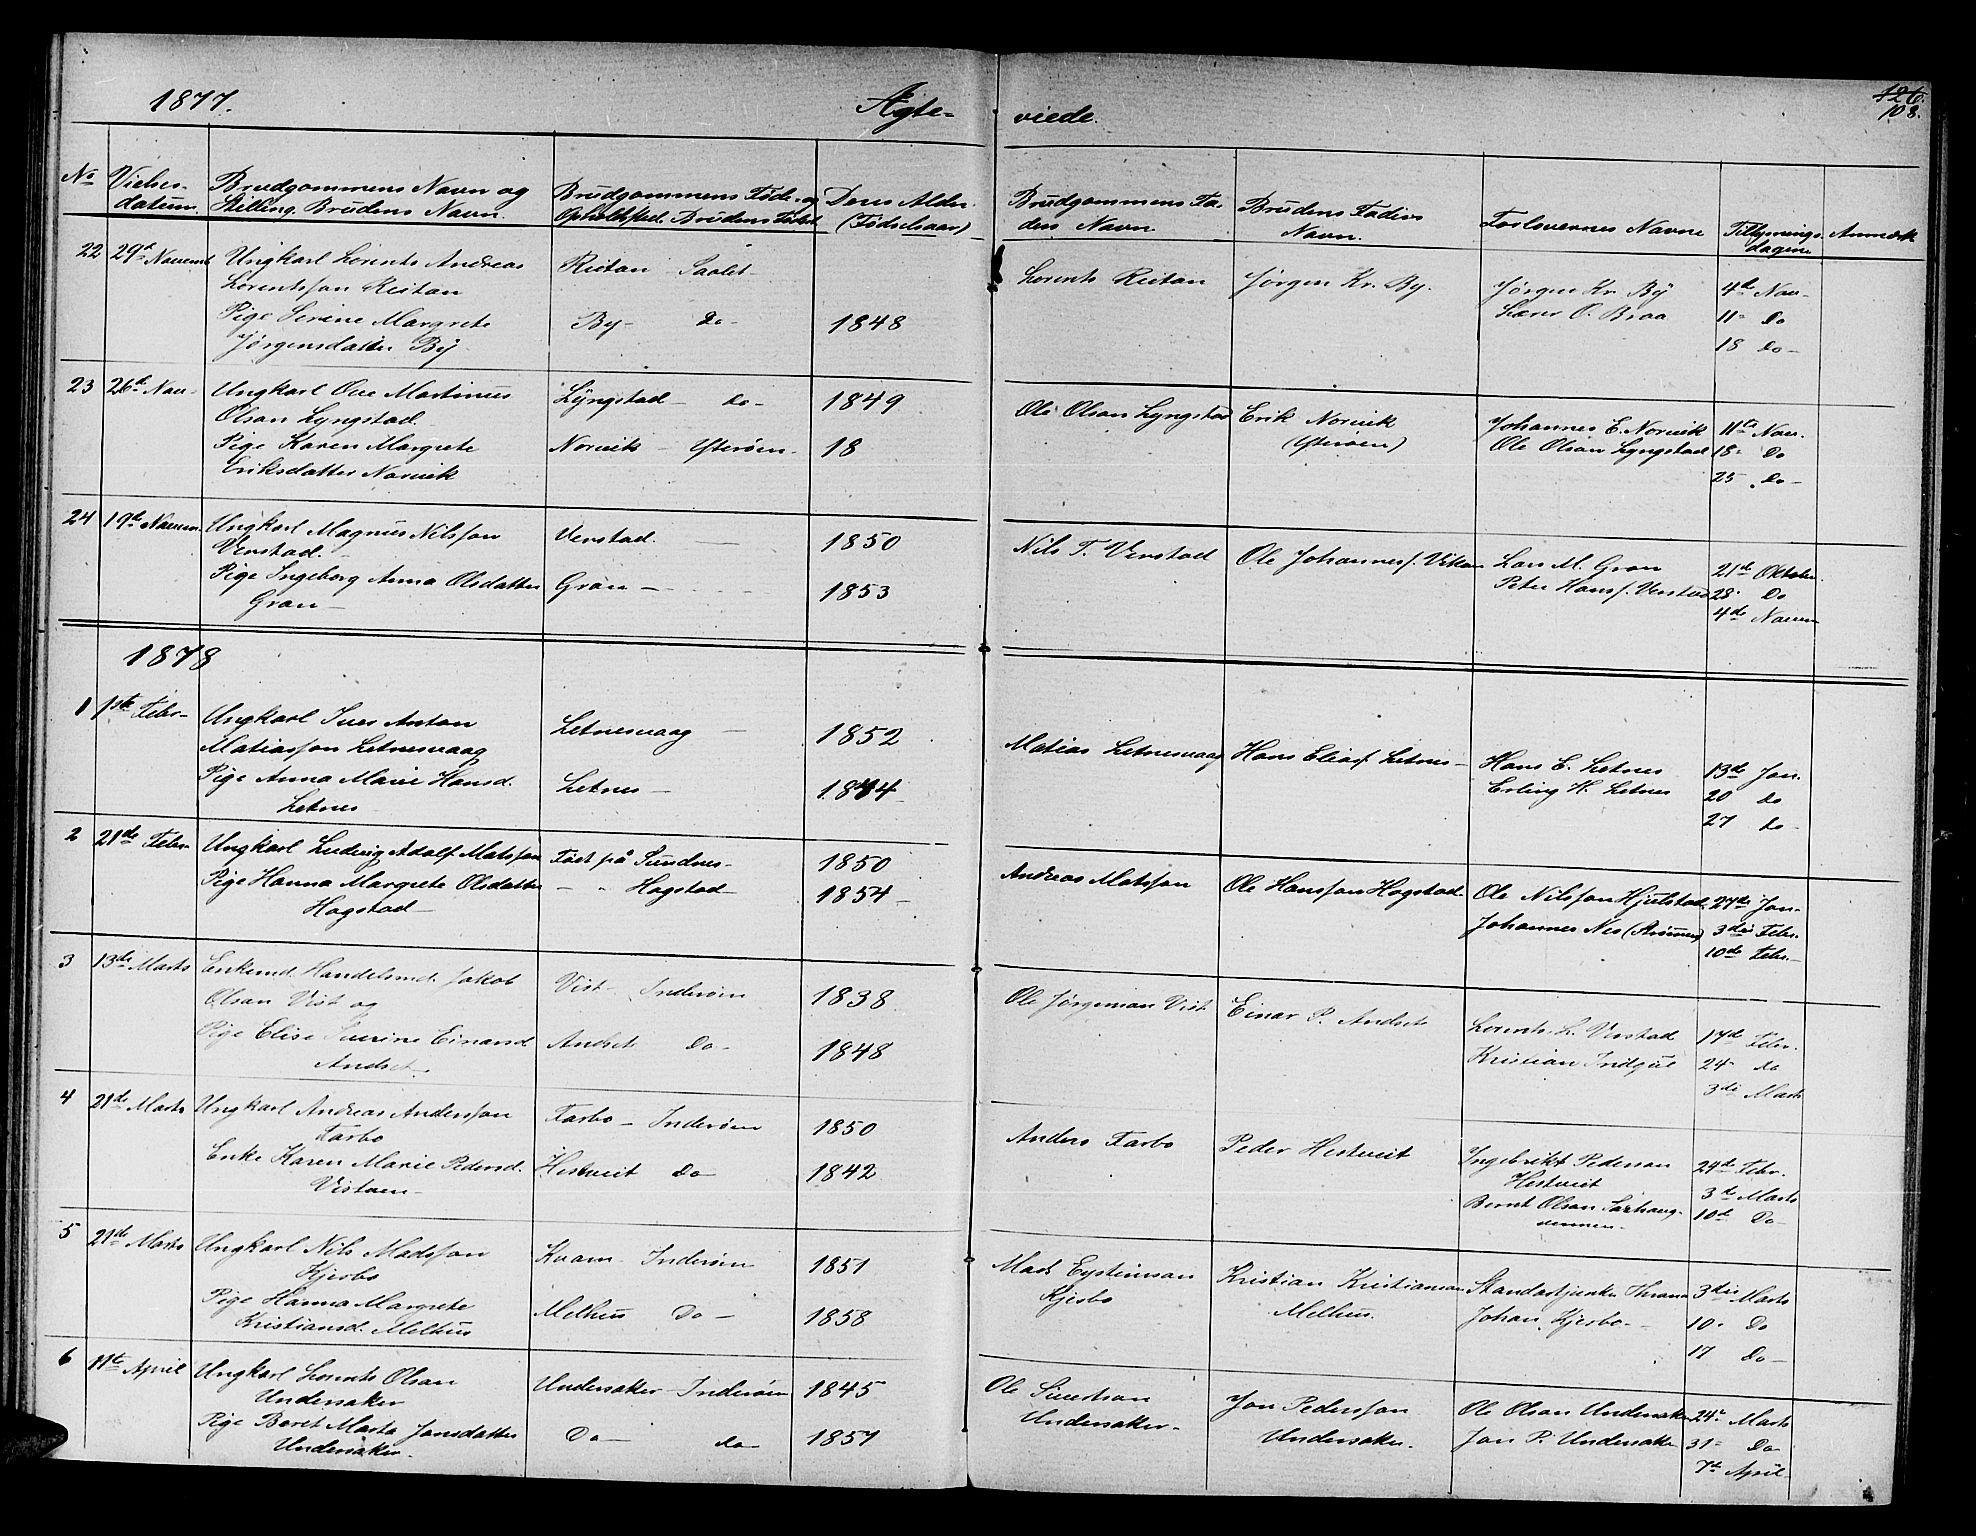 SAT, Ministerialprotokoller, klokkerbøker og fødselsregistre - Nord-Trøndelag, 730/L0300: Klokkerbok nr. 730C03, 1872-1879, s. 108